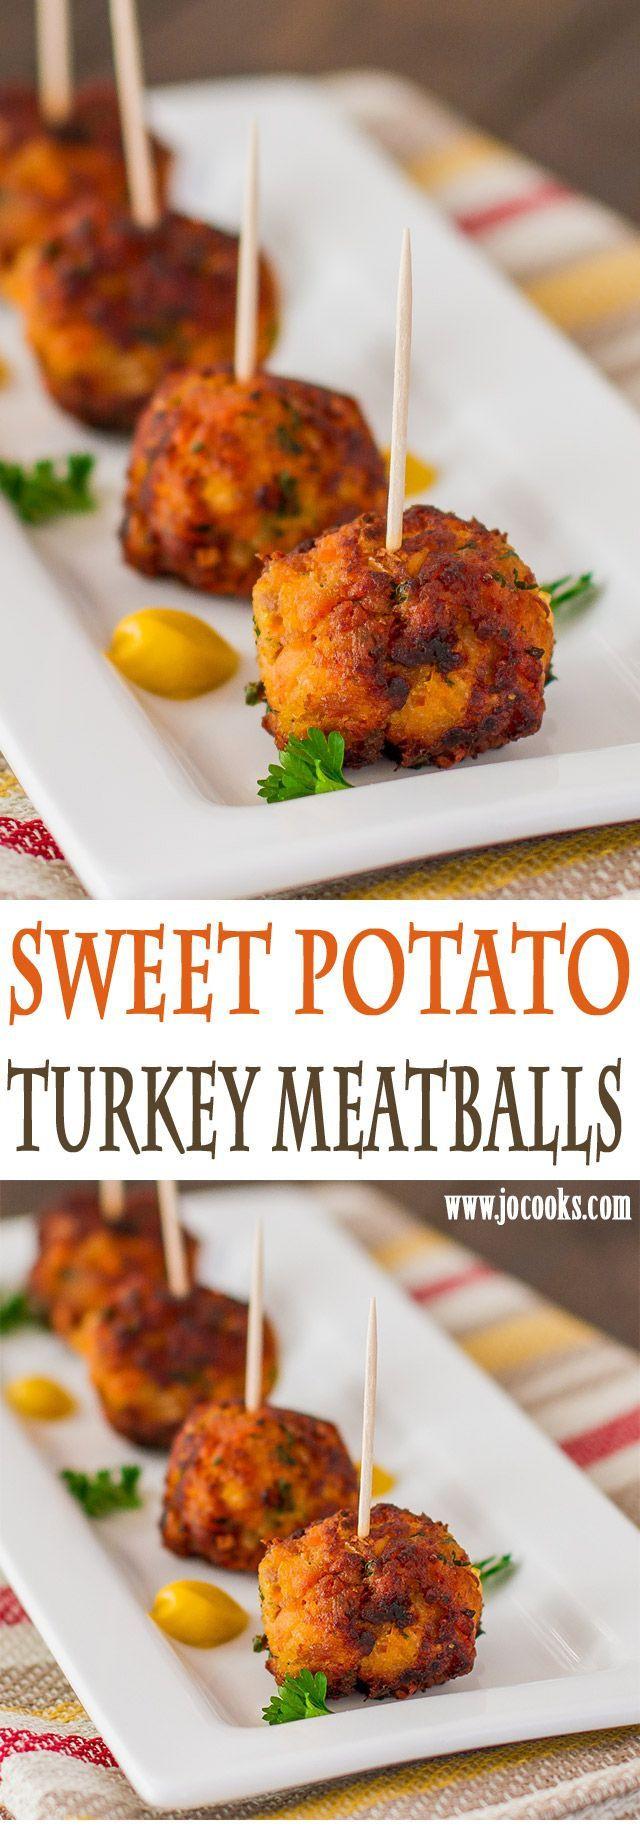 Healthy Turkey Meatloaf Without Breadcrumbs  Sweet Potato Turkey Meatballs – an interesting bination